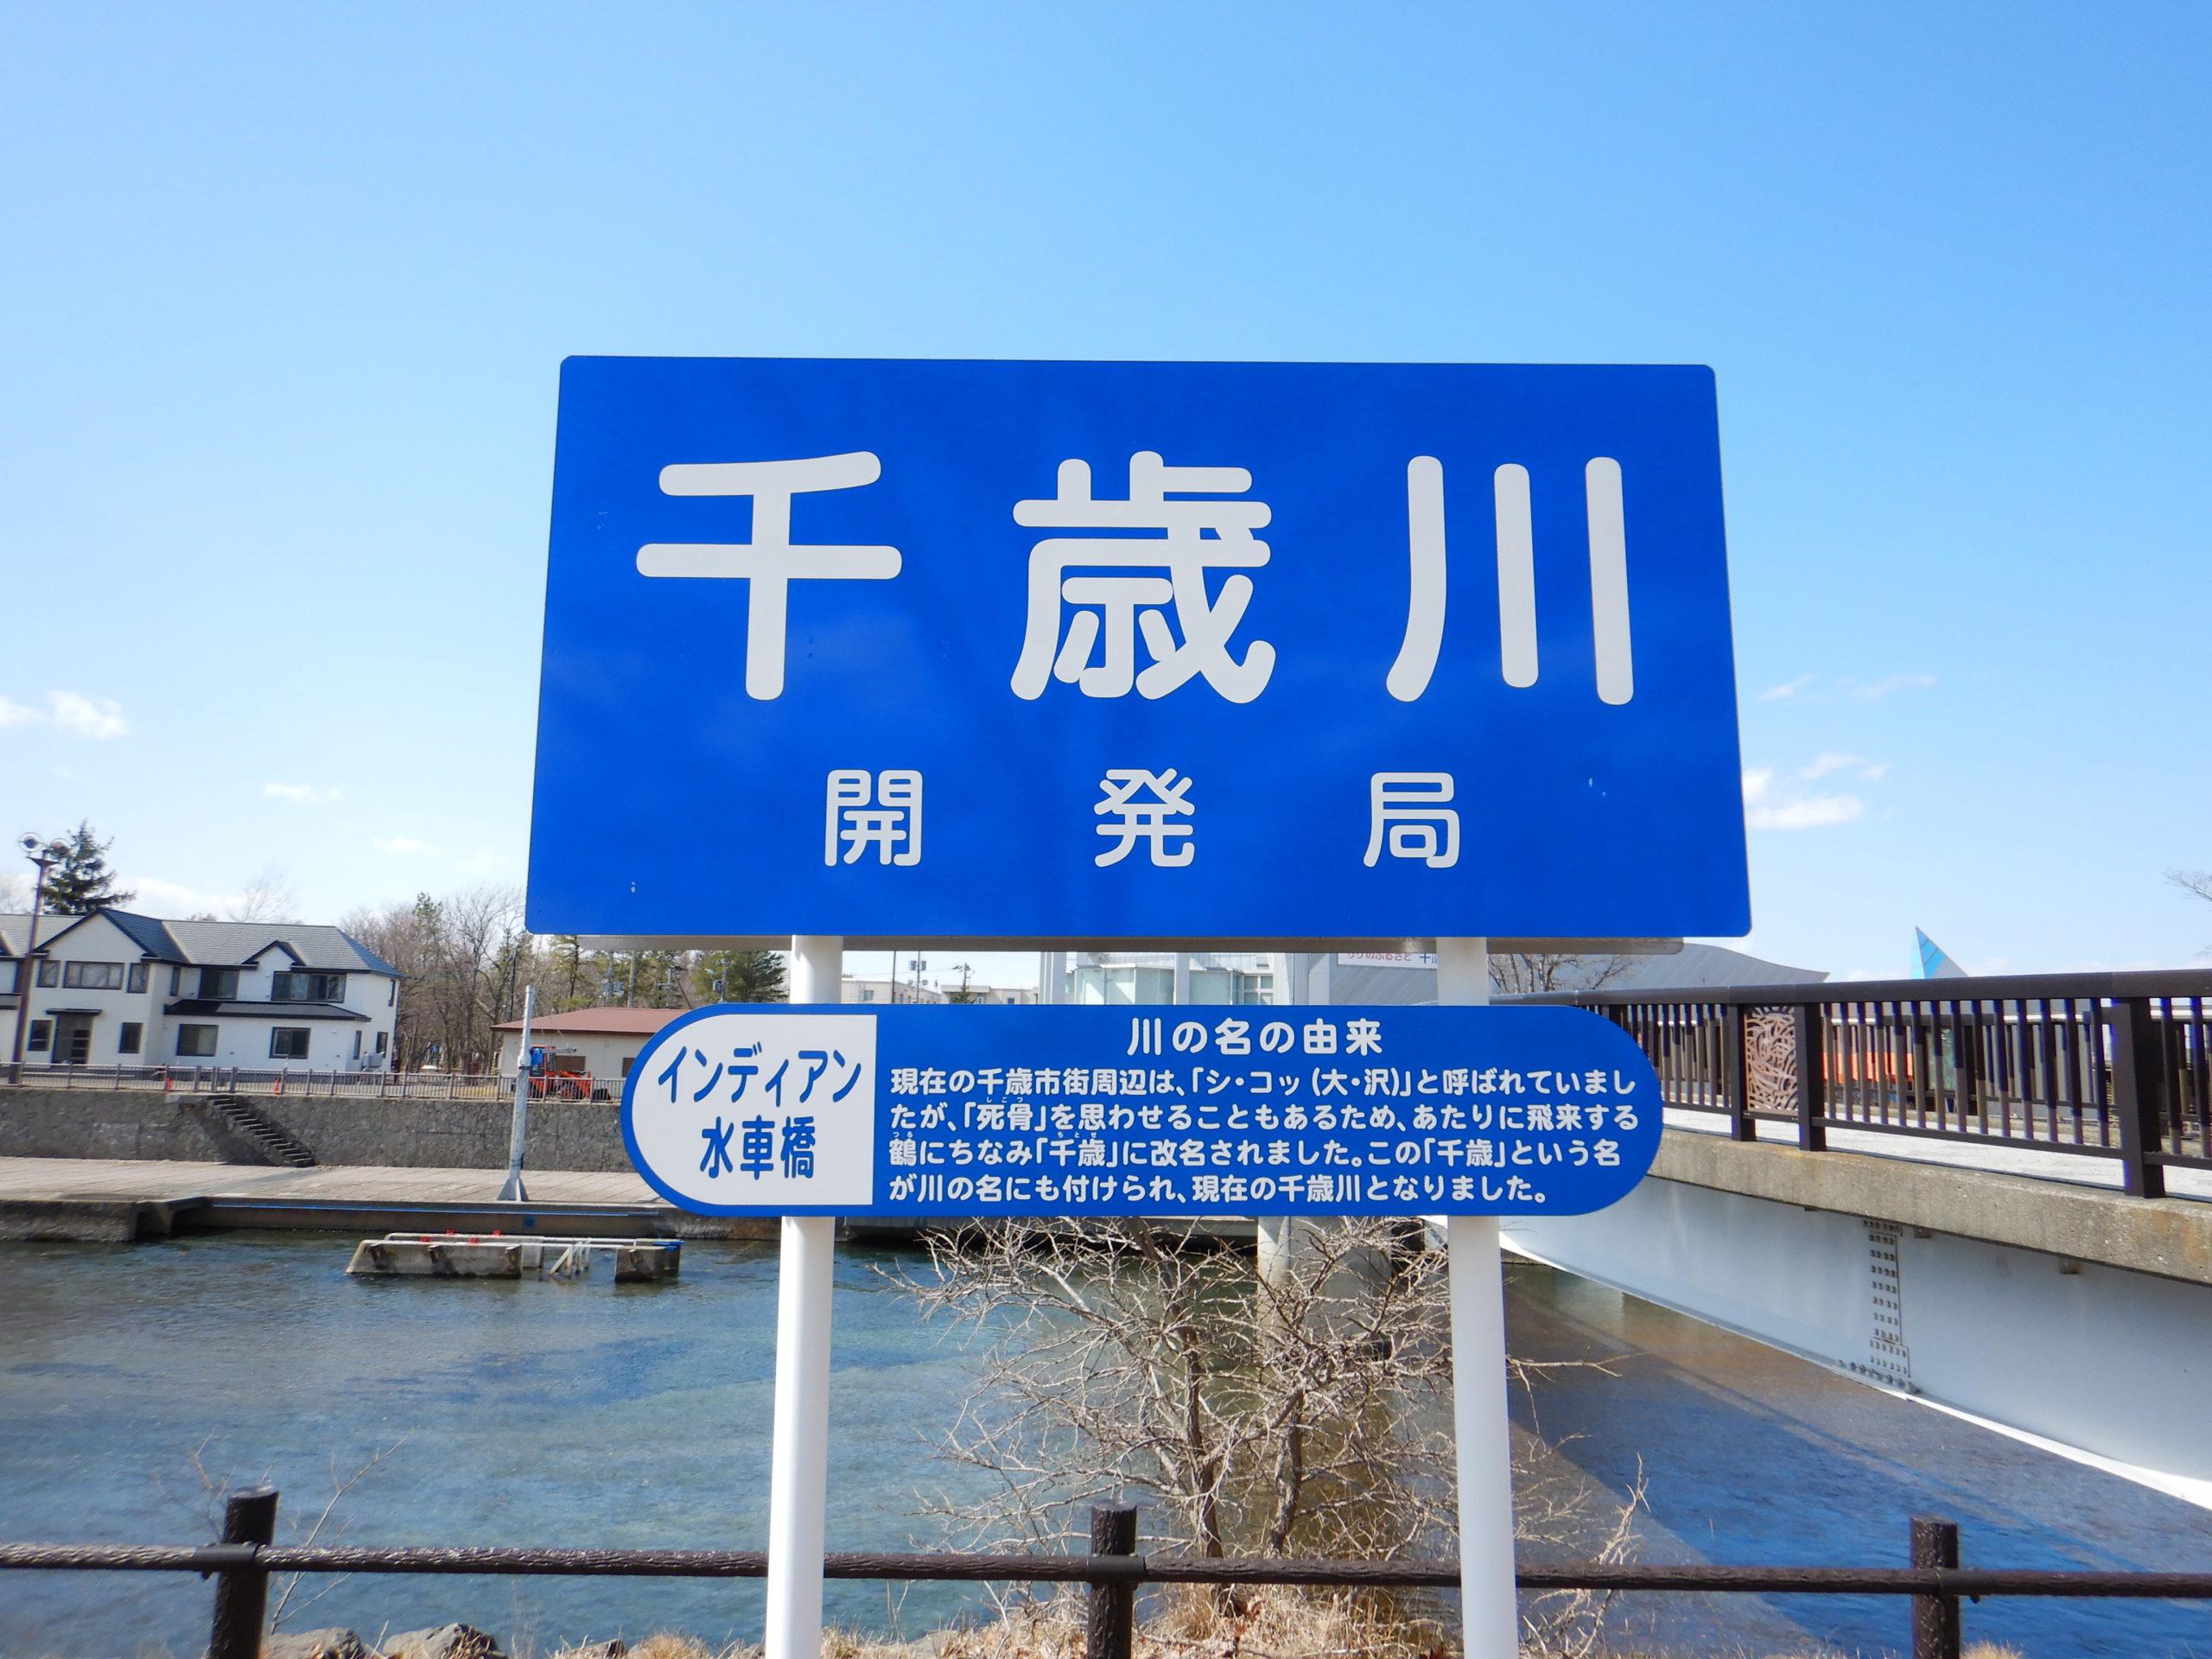 千歳川の河川ライブカメラ一覧